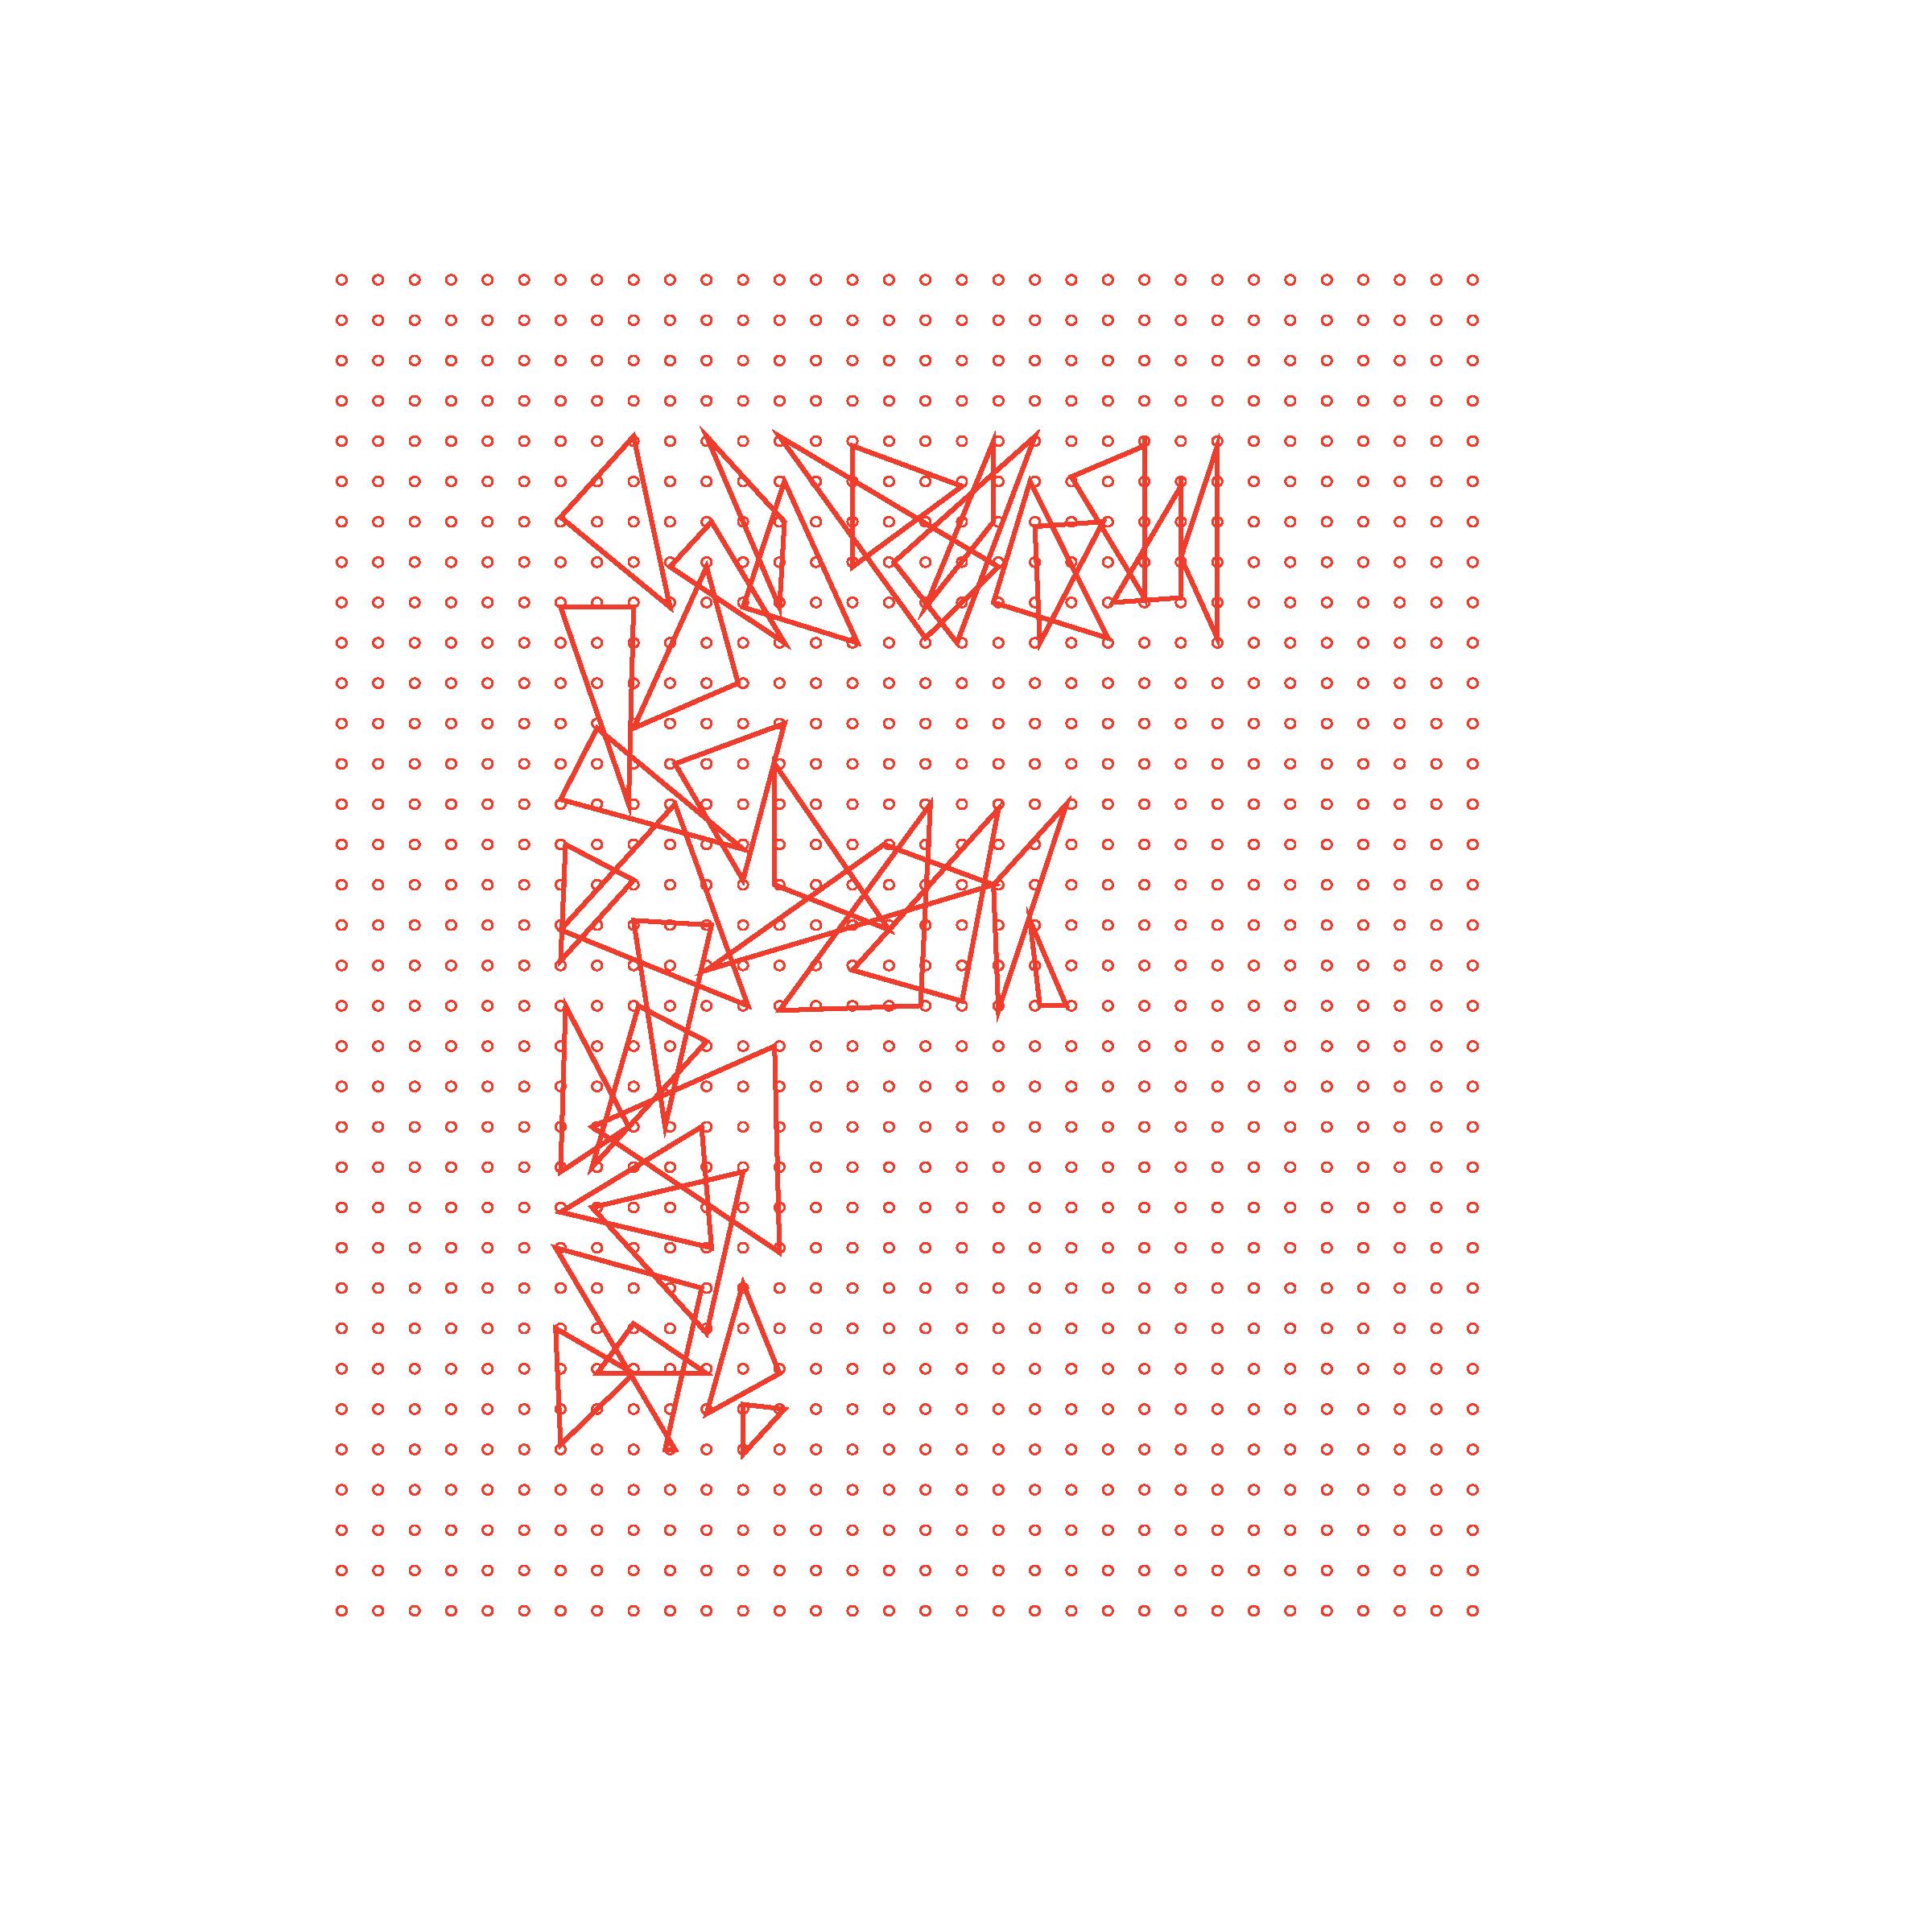 wk 12 logos-28.png